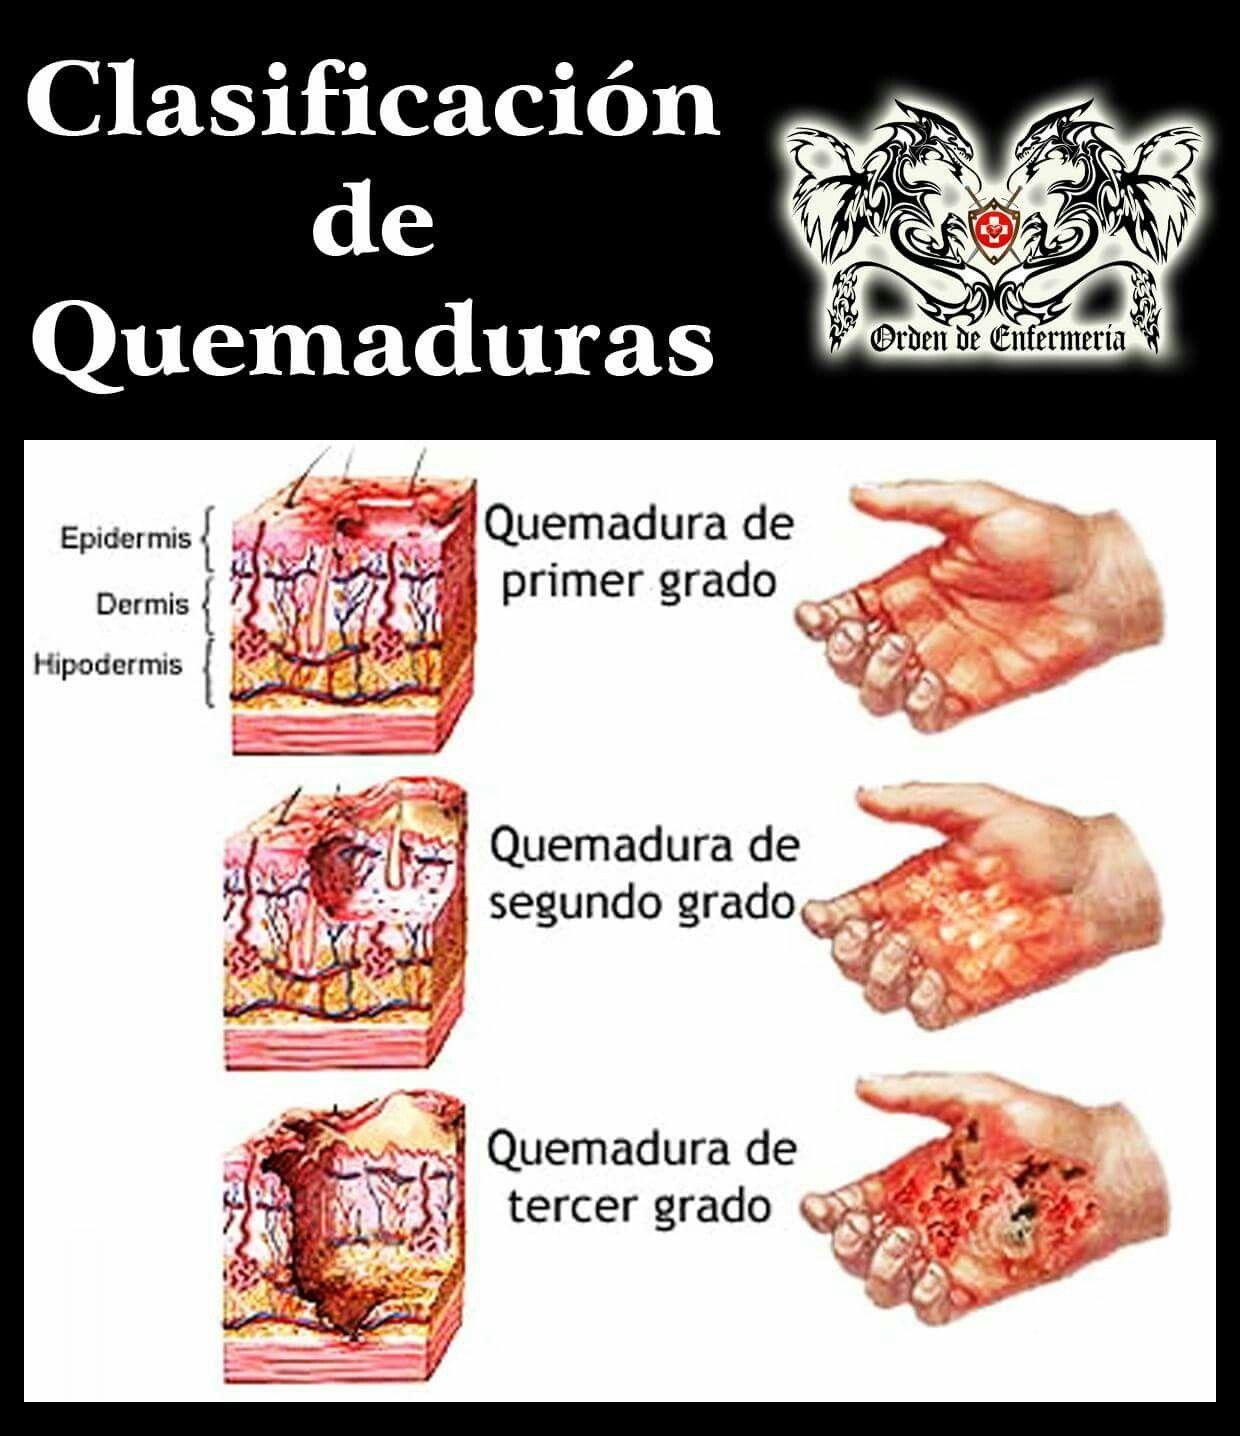 Clasificación de Quemaduras | Medicina | Pinterest | Salud, Physical ...